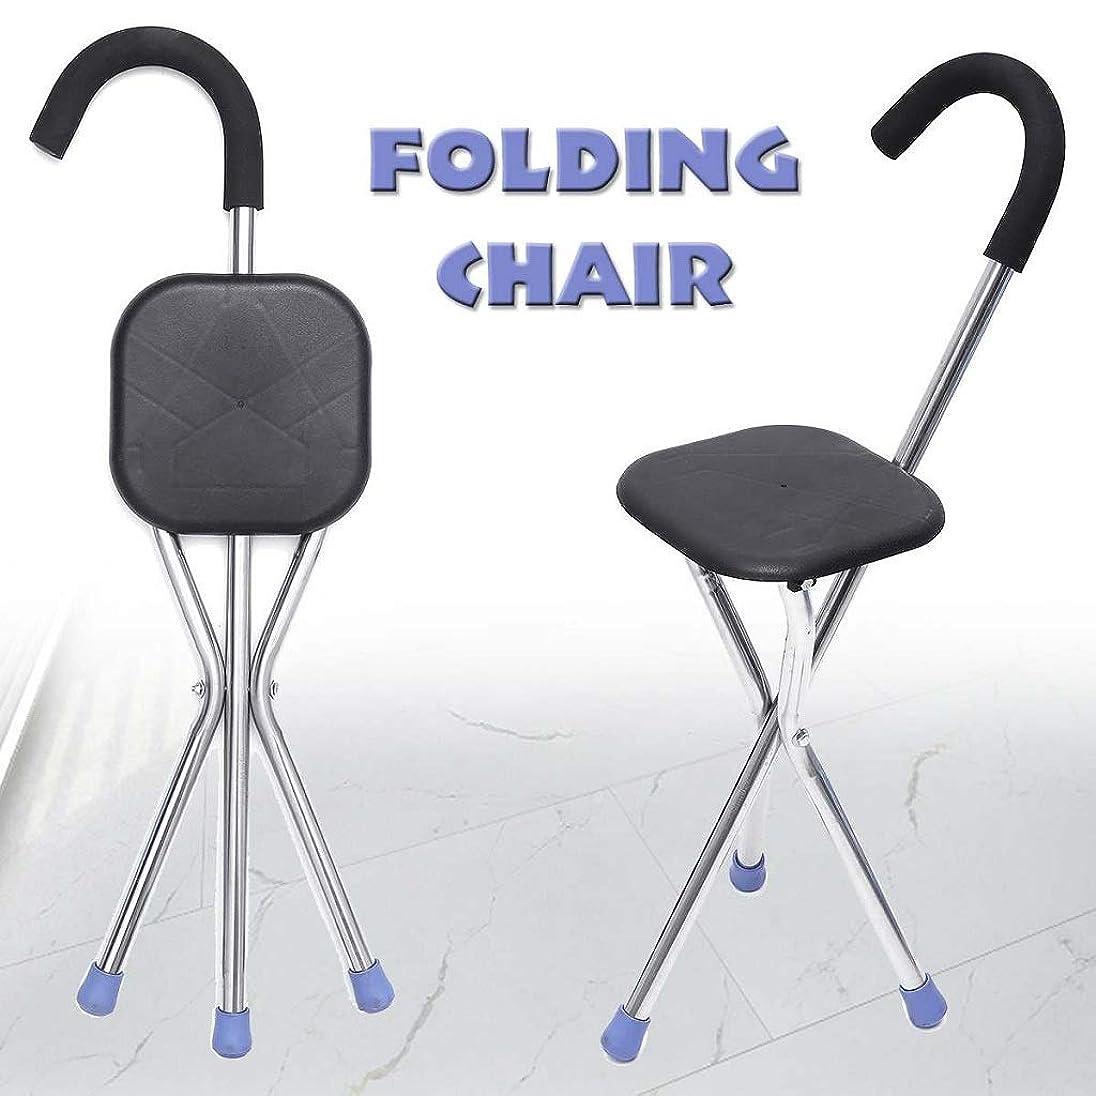 実現可能性事業黒板松葉杖衛生用品ヘルスケア、折りたたみ式杖、松葉杖スツール席引き込み式ステッキ高齢者屋外旅行残りスツール椅子交換用